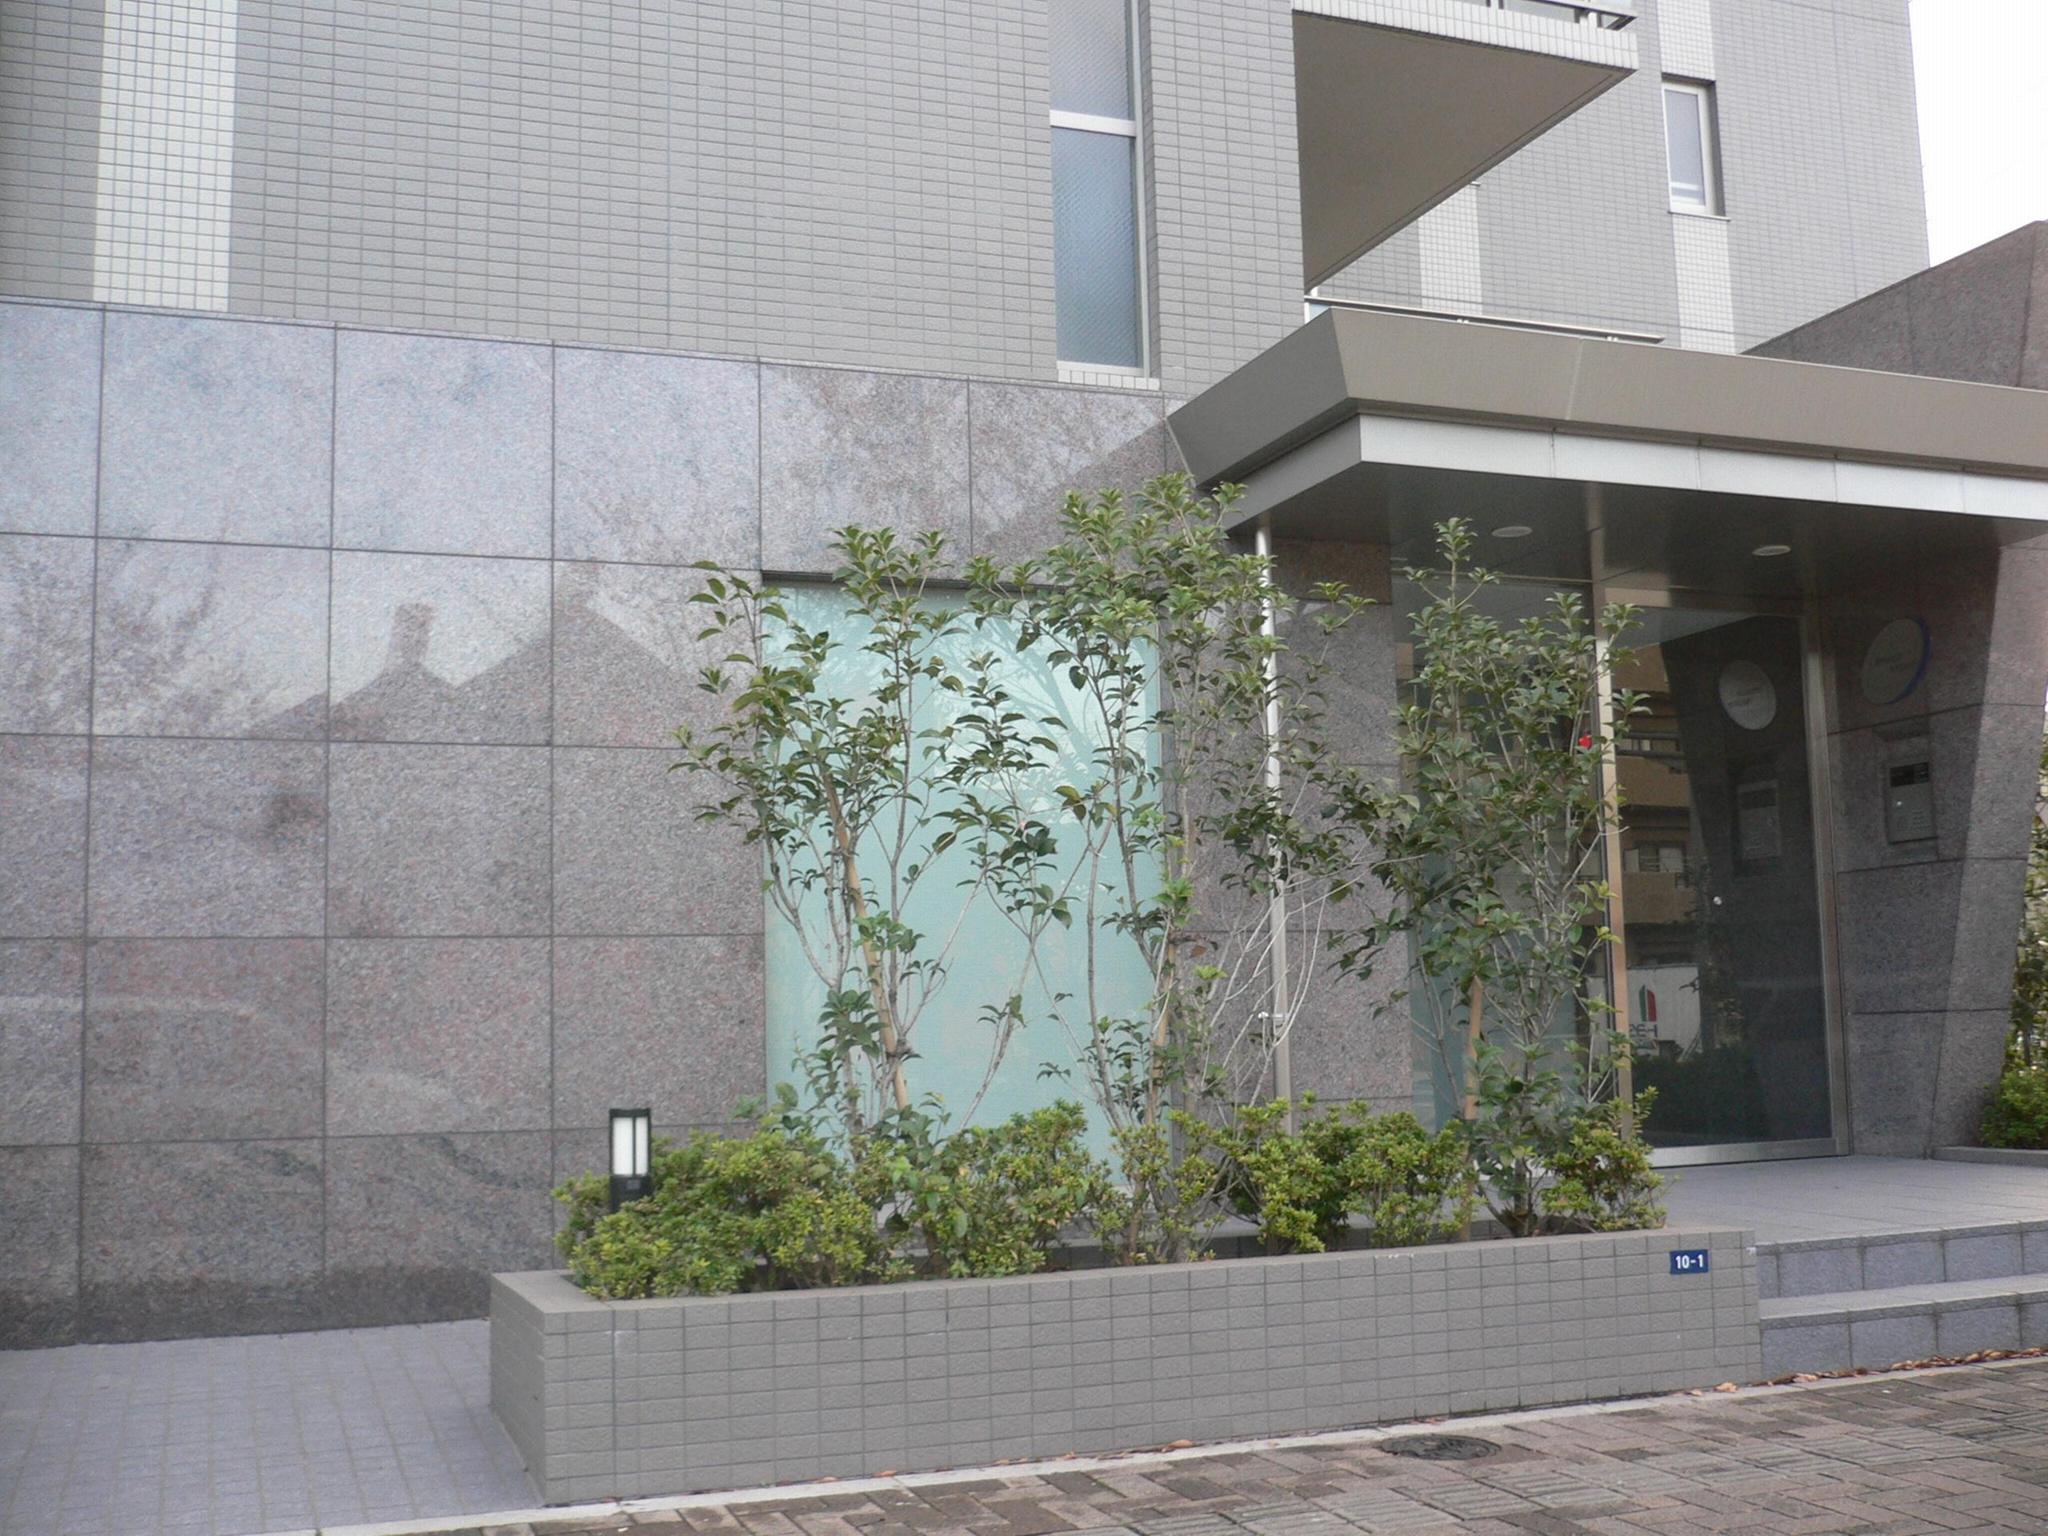 環氧樹脂AB膠(代替干挂---輕鬆應對大型瓷磚及重型石材的粘貼施工) 5